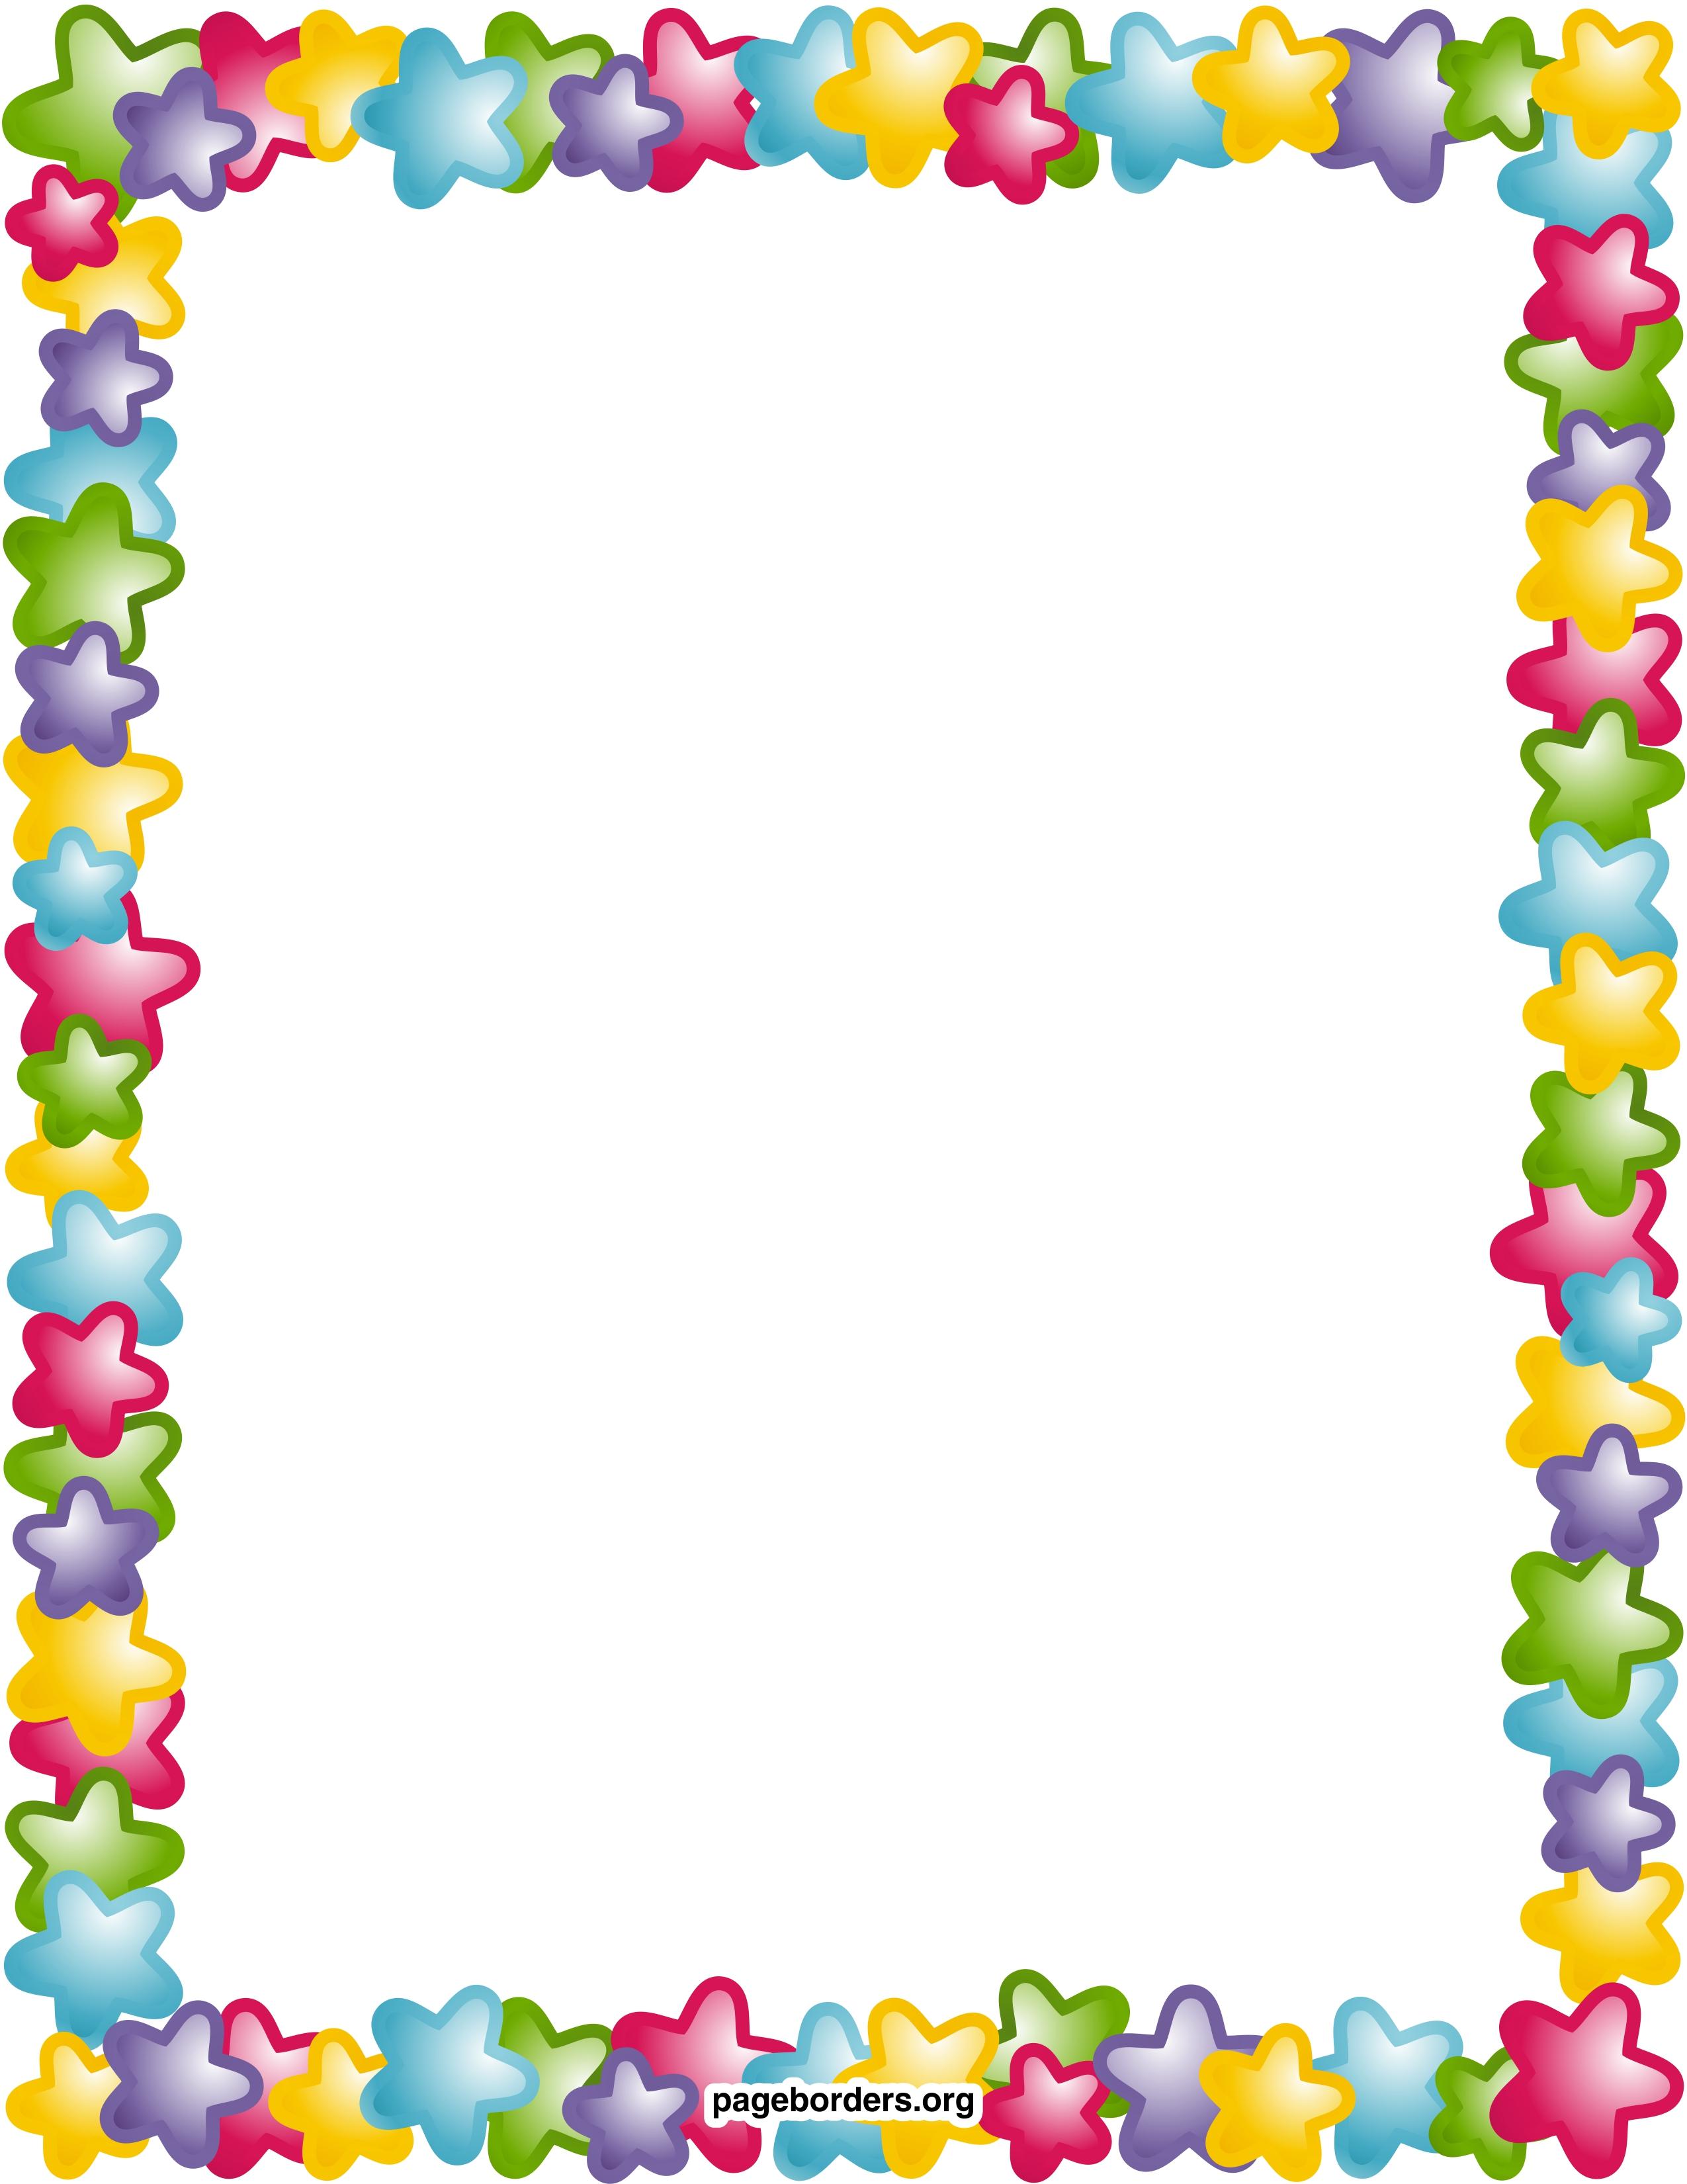 U003cbu003eStar Border Clip Art Clipartu-u003cbu003eStar Border Clip Art Clipartu003c/bu003e Panda Free u003cbu003eClipartu003c/bu003e Images-8